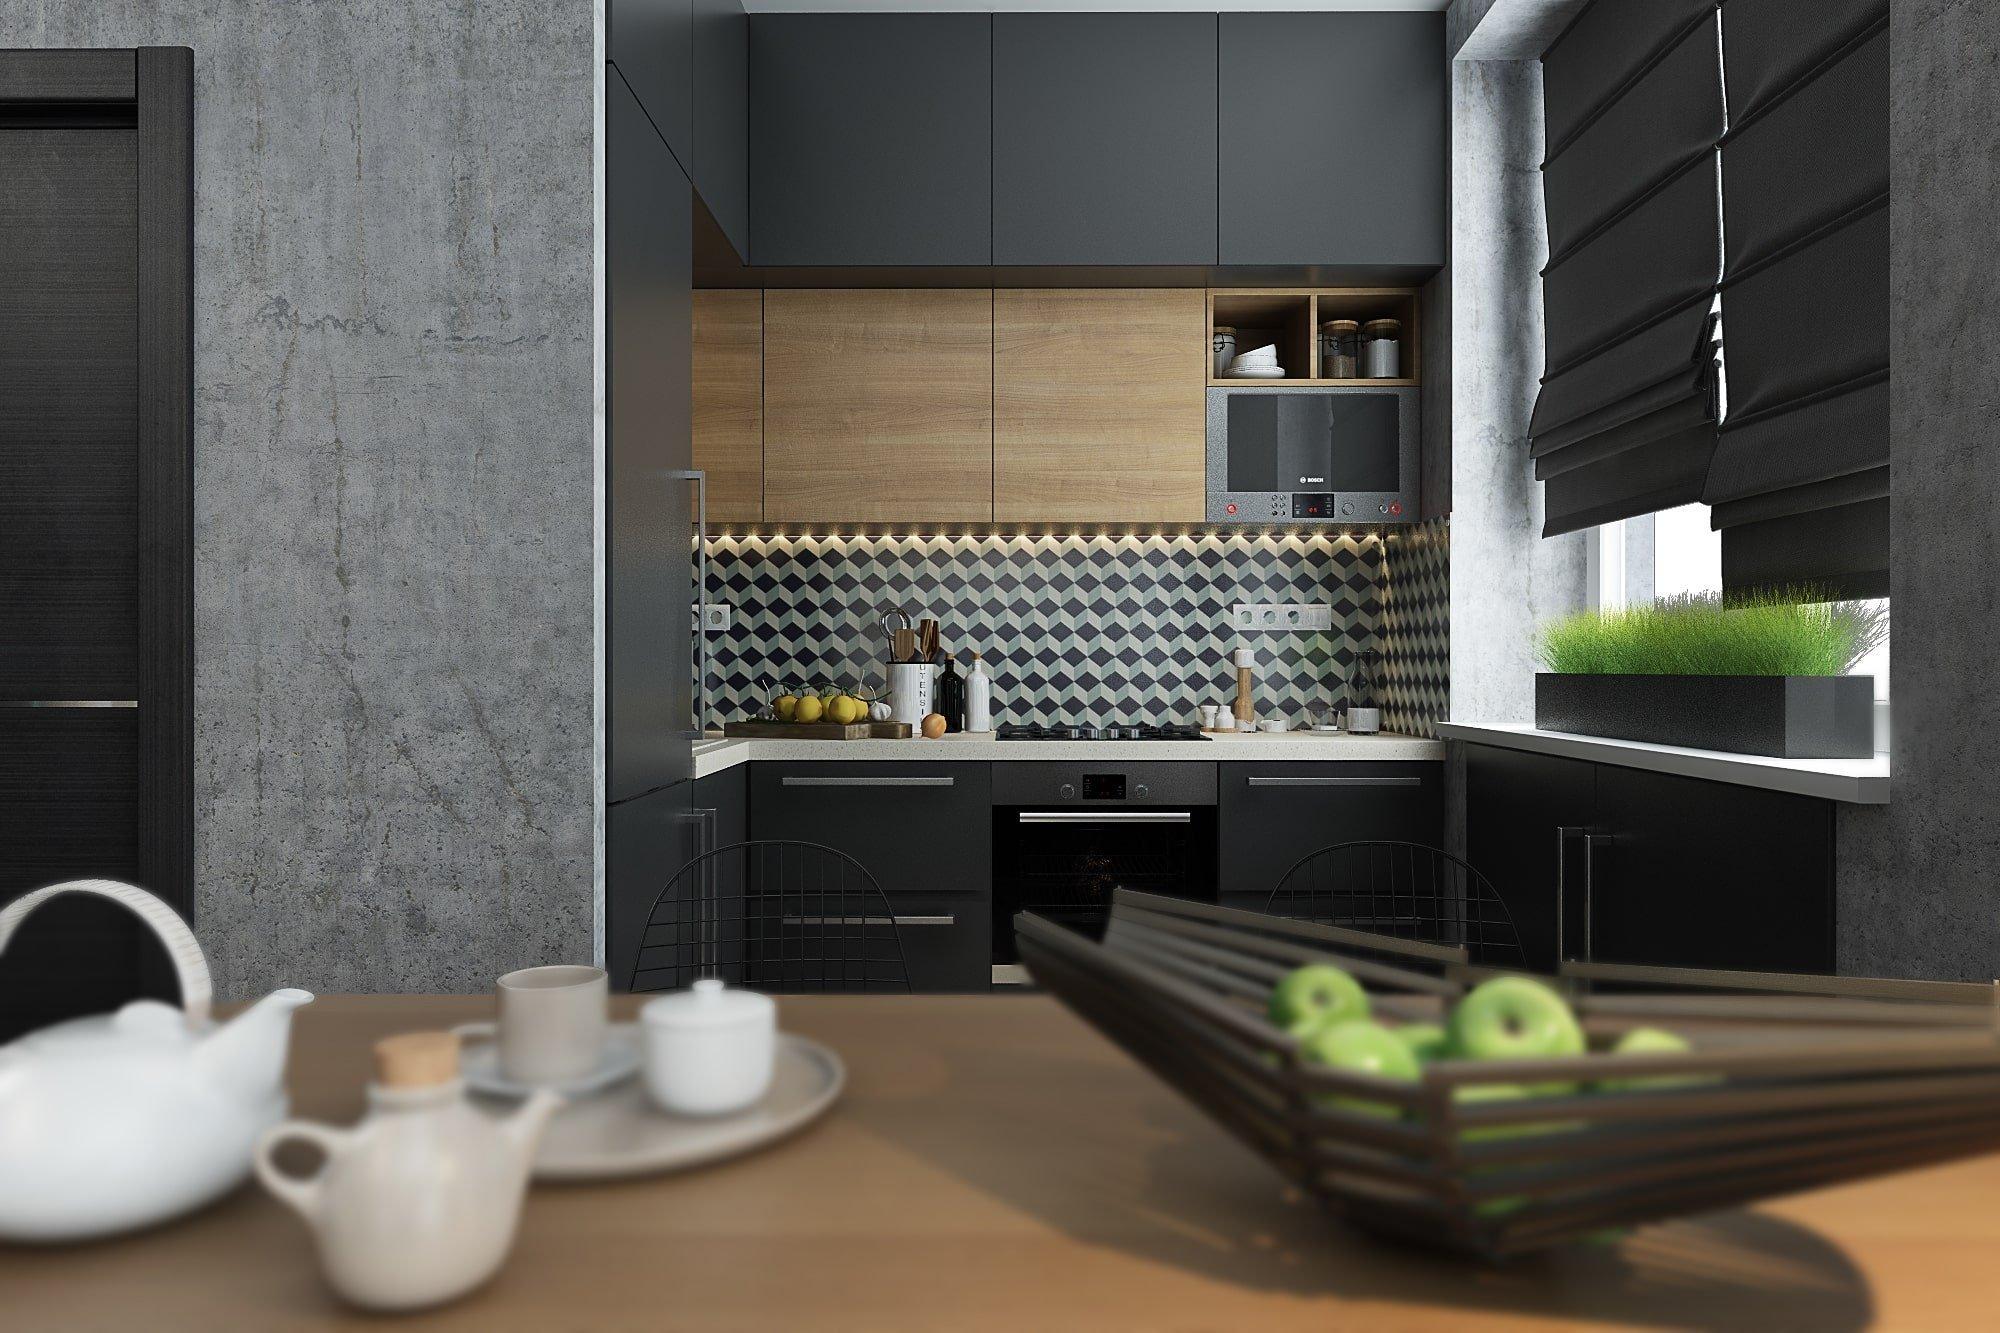 Vysoce moderní a designové bydlení se dá vytvořit i v malém bytě. Příkladem je stylově zařízený interiér ve Volgogradu. Vyvedený v šedých odstínech a s akcenty tmavě tyrkysové barvy působí velmi osobitě a dynamicky.